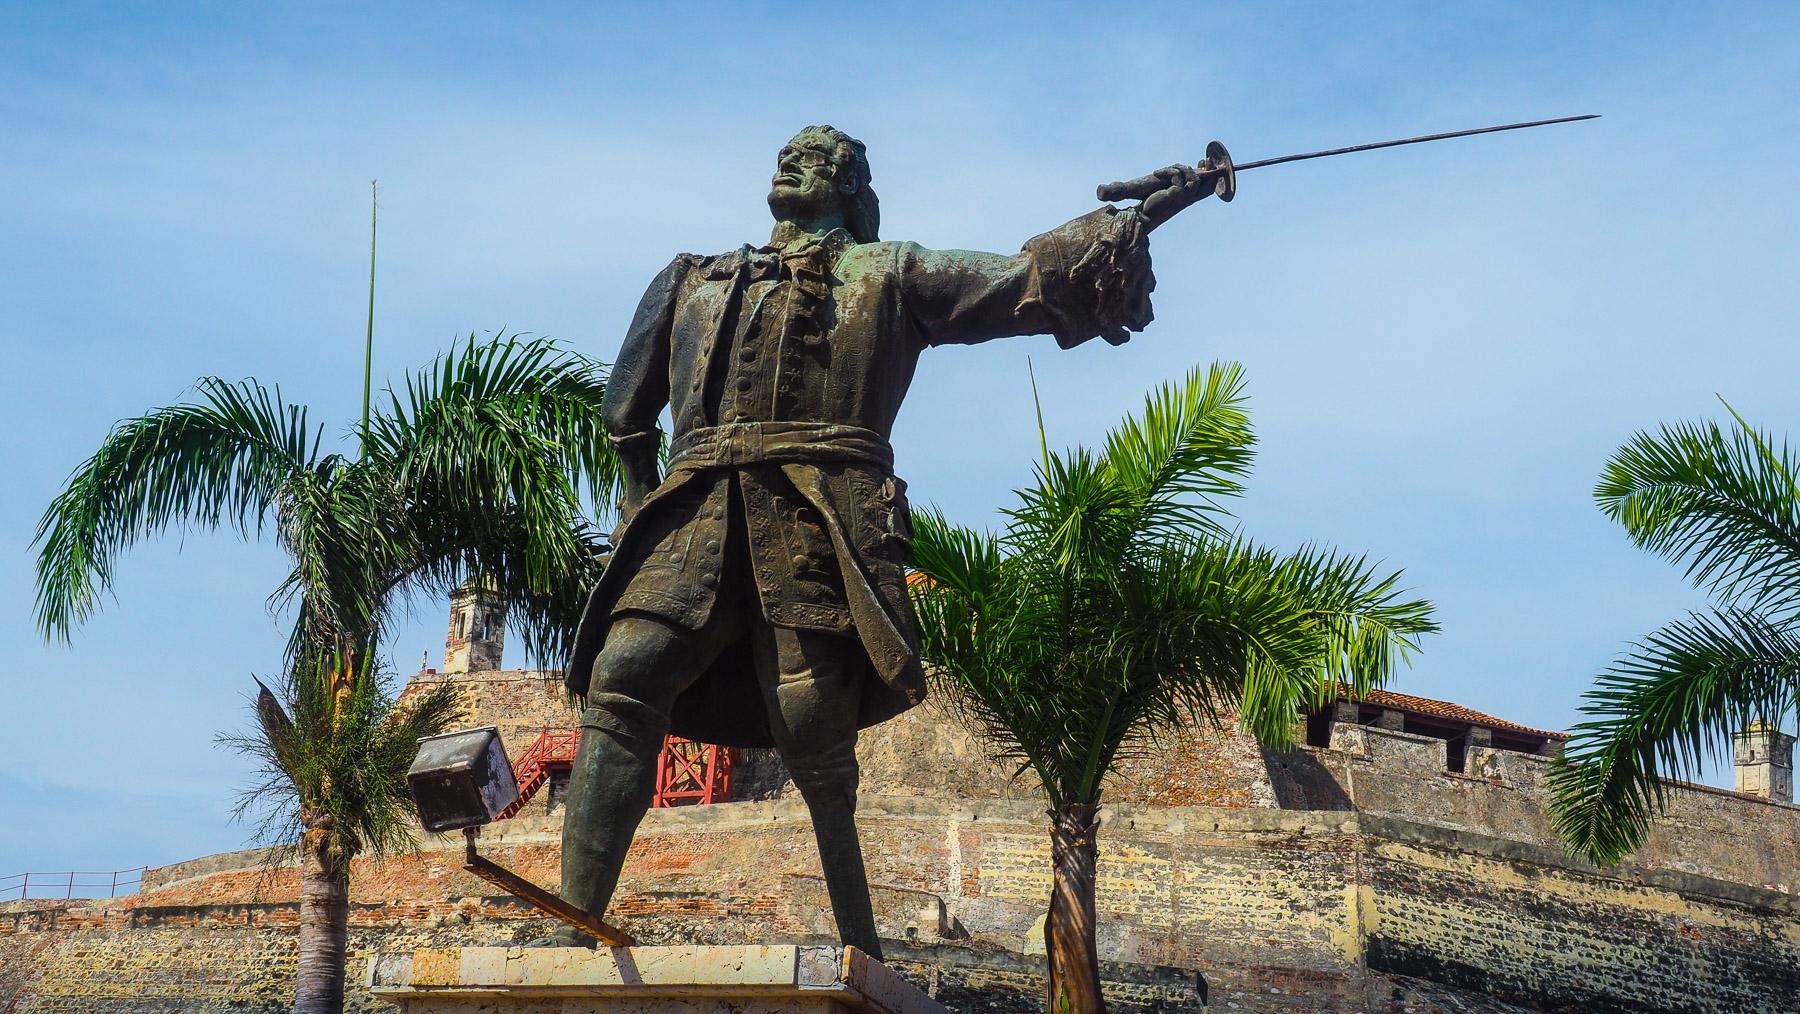 Don Blas de Lezo, 1 Bein, 1 Arm, 1 Auge, besiegte 1741 eine englische Armada mit 186 Schiffen – was für ein Held